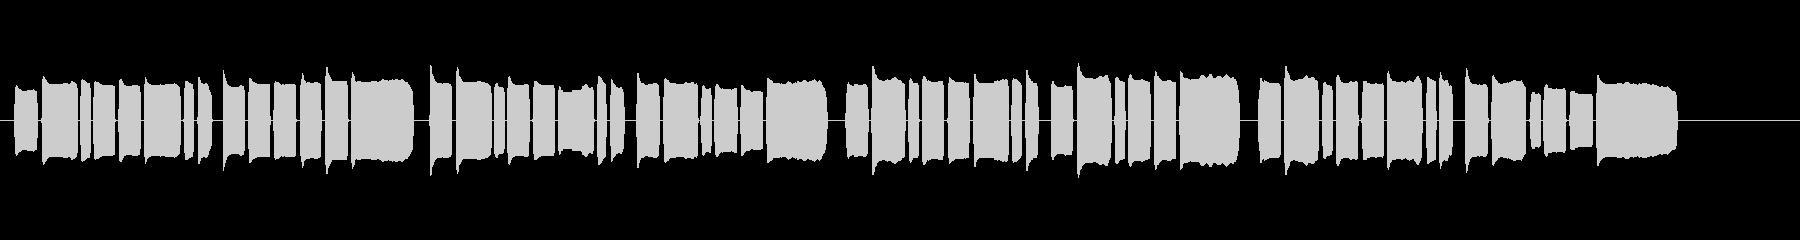 リコーダーで演奏した『蛍の光』の未再生の波形